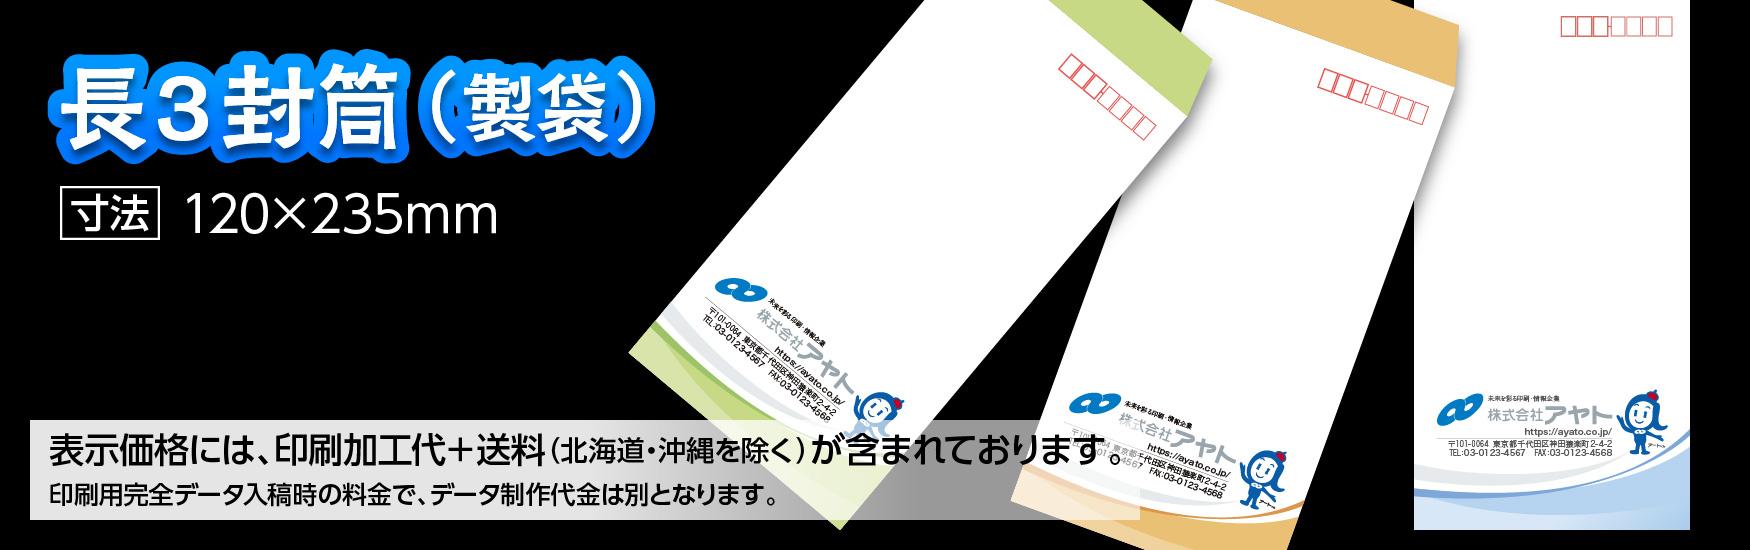 デザイン長3封筒(製袋封筒)の印刷